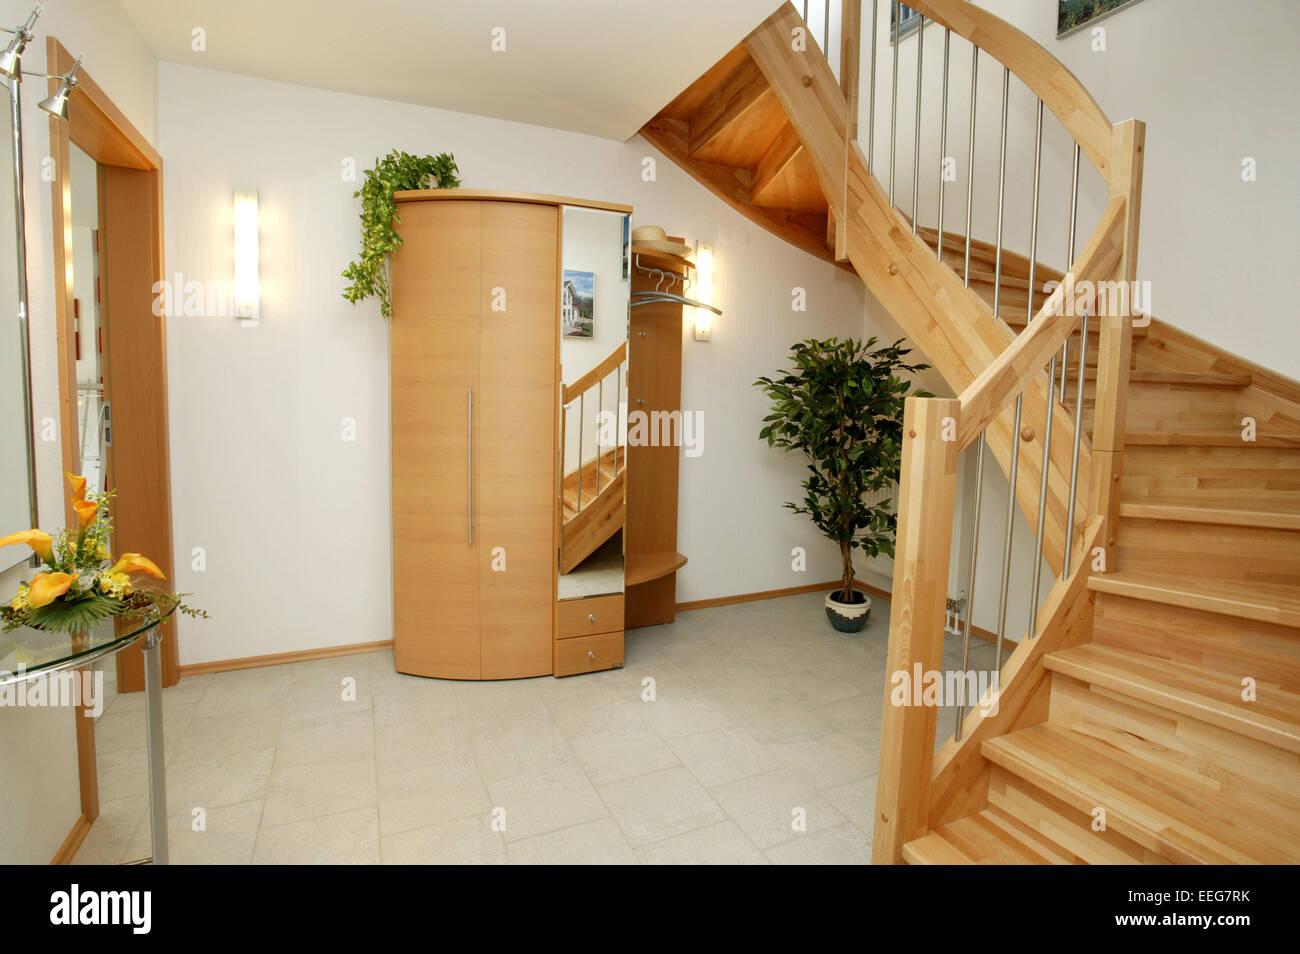 Malerisch Diele Modern Sammlung Von Wohnen Innenaufnahme Inneneinrichtung Wohnung Wohnraum Einrichtung Moebel